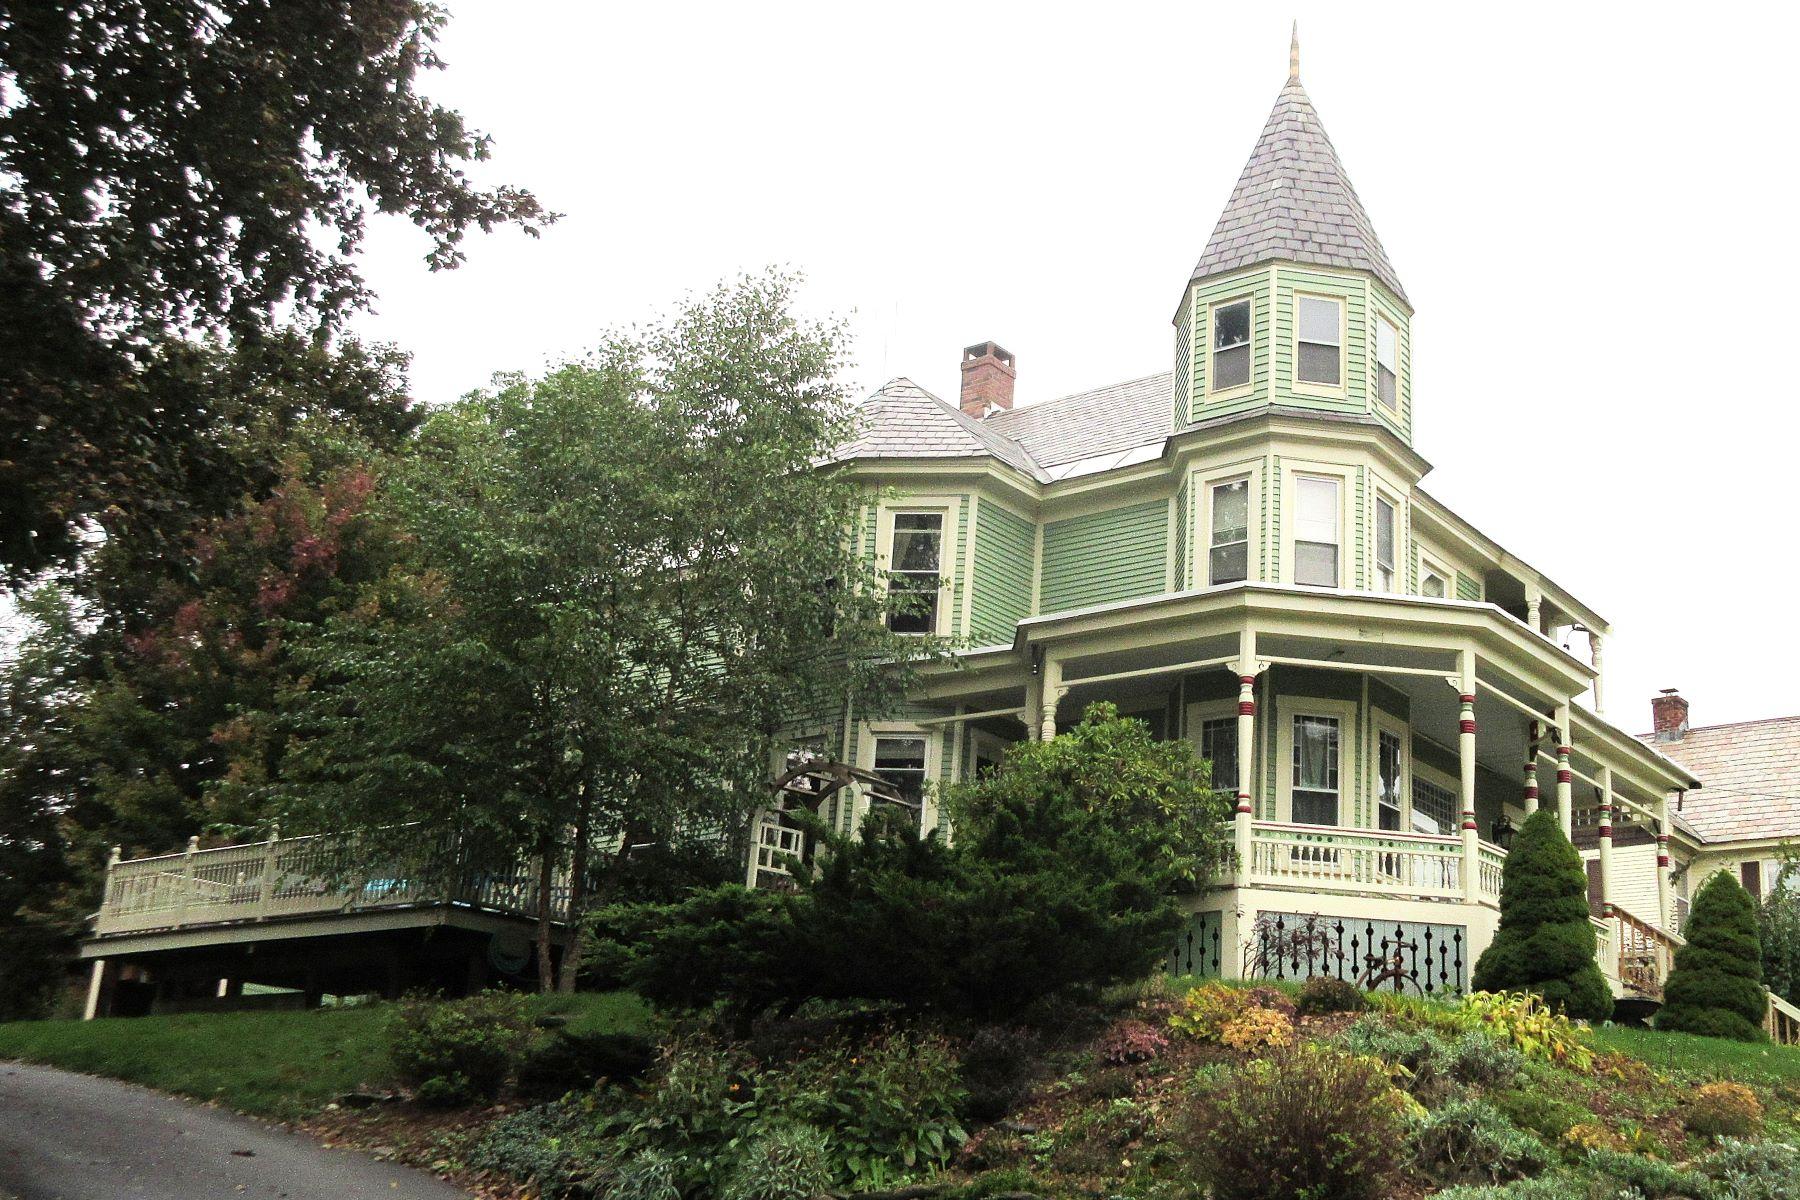 Частный односемейный дом для того Продажа на Splendid Victorian 49 Evergreen, Rutland, Вермонт, 05701 Соединенные Штаты